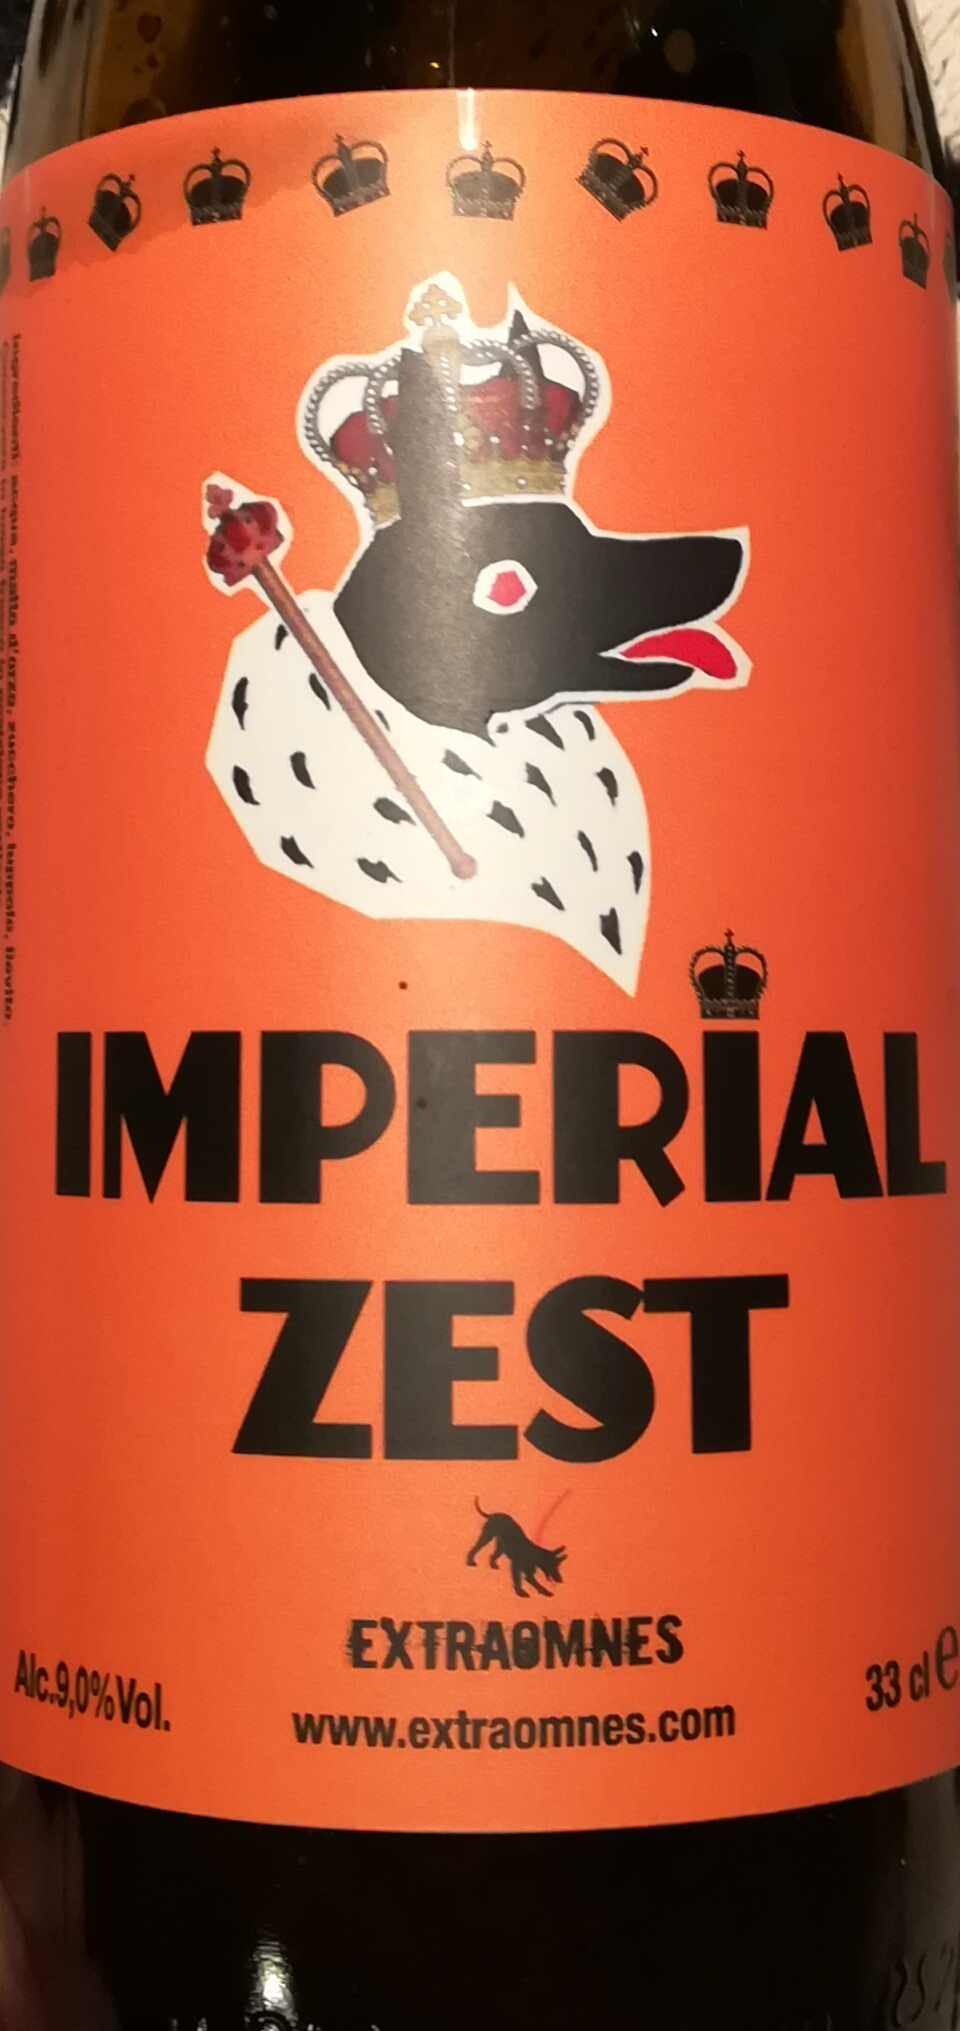 extraomnes imperial zest